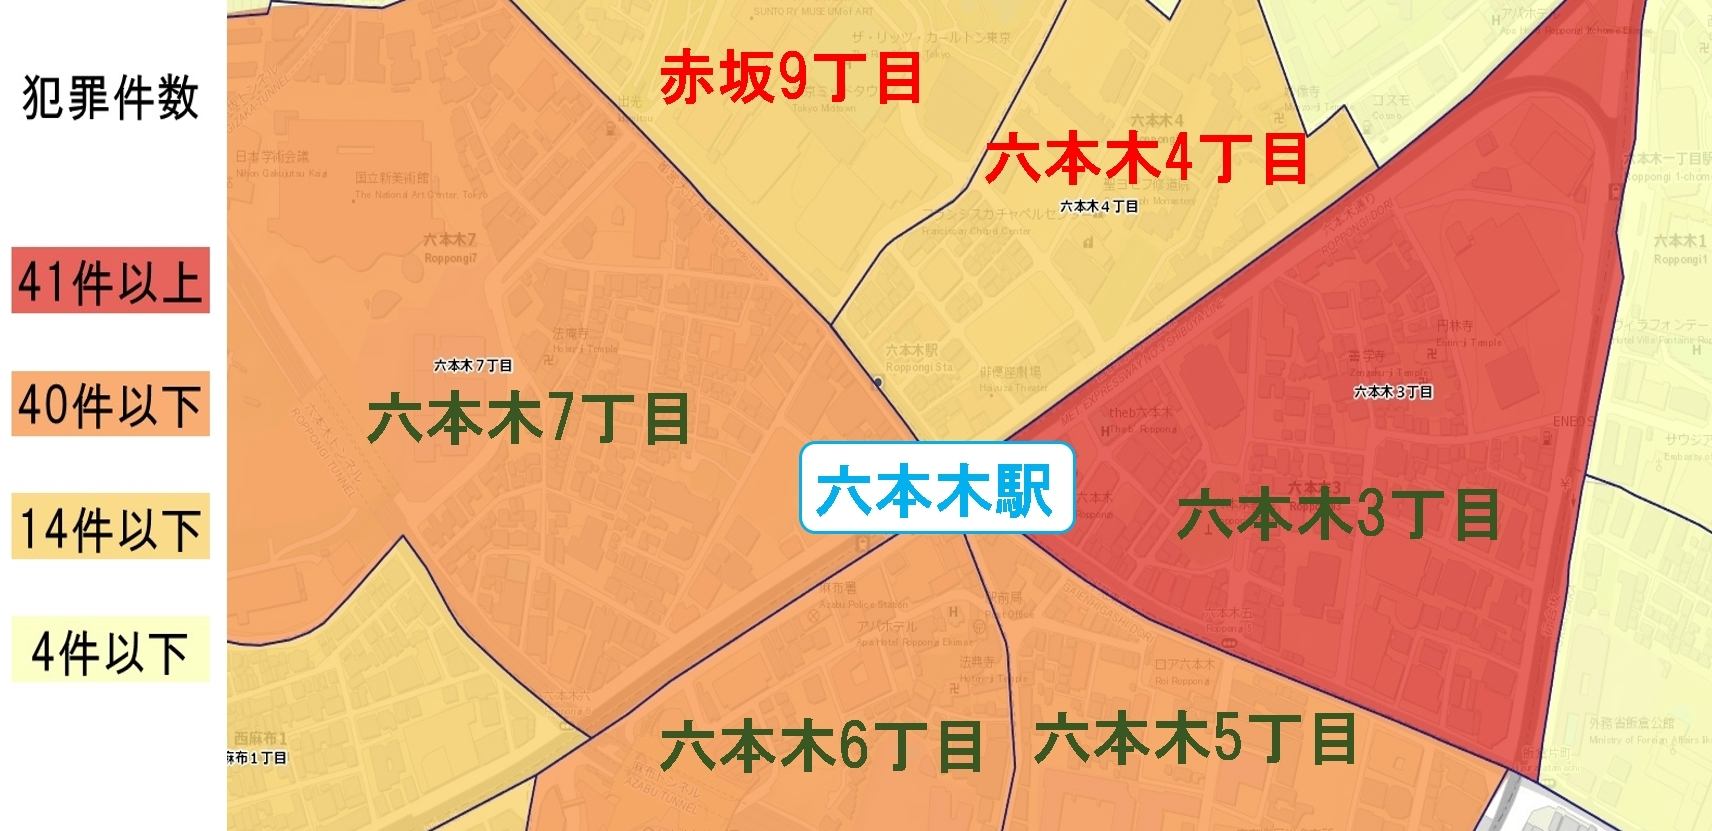 六本木駅周辺の粗暴犯の犯罪件数マップ